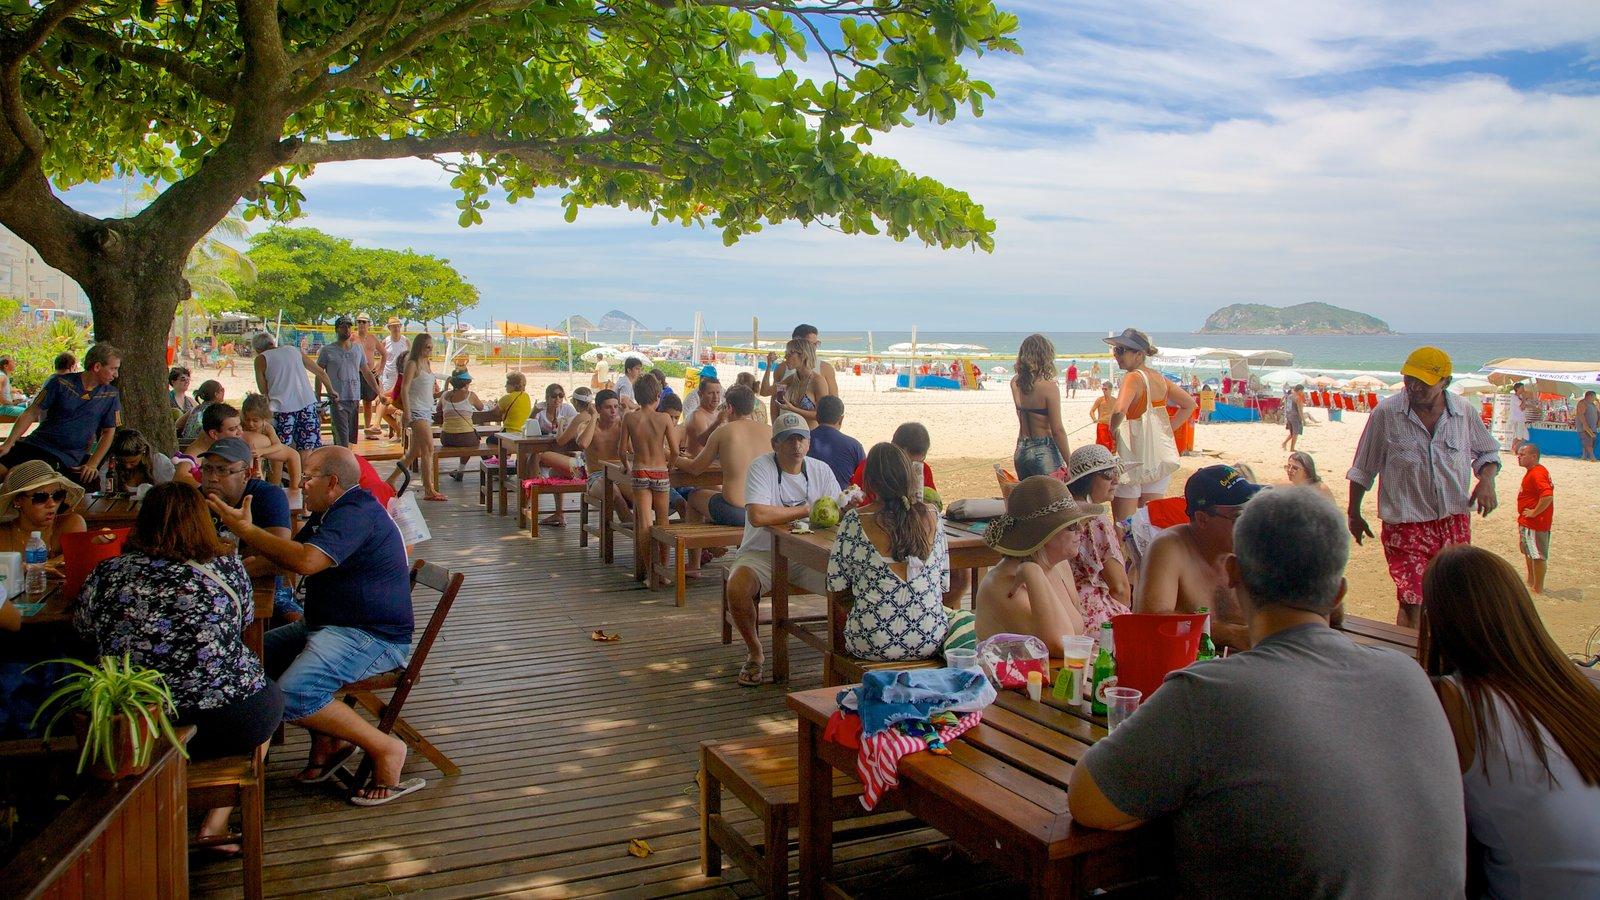 Barra da Tijuca caracterizando uma praia assim como um grande grupo de pessoas